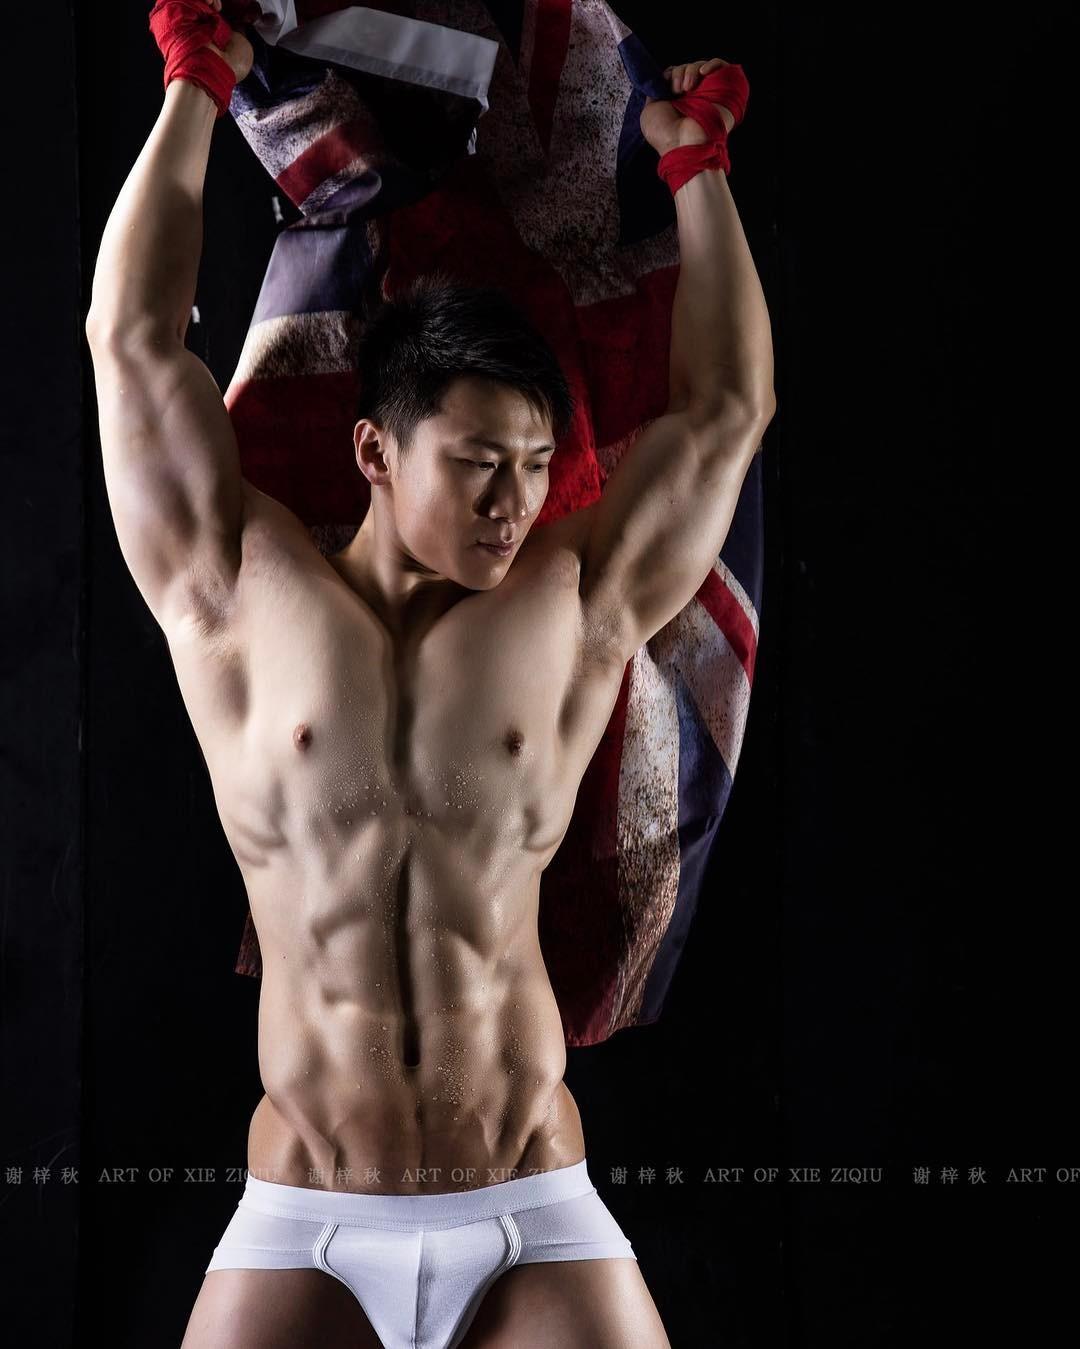 谢梓秋攝影作品之雄壮肌肉的男体诱惑